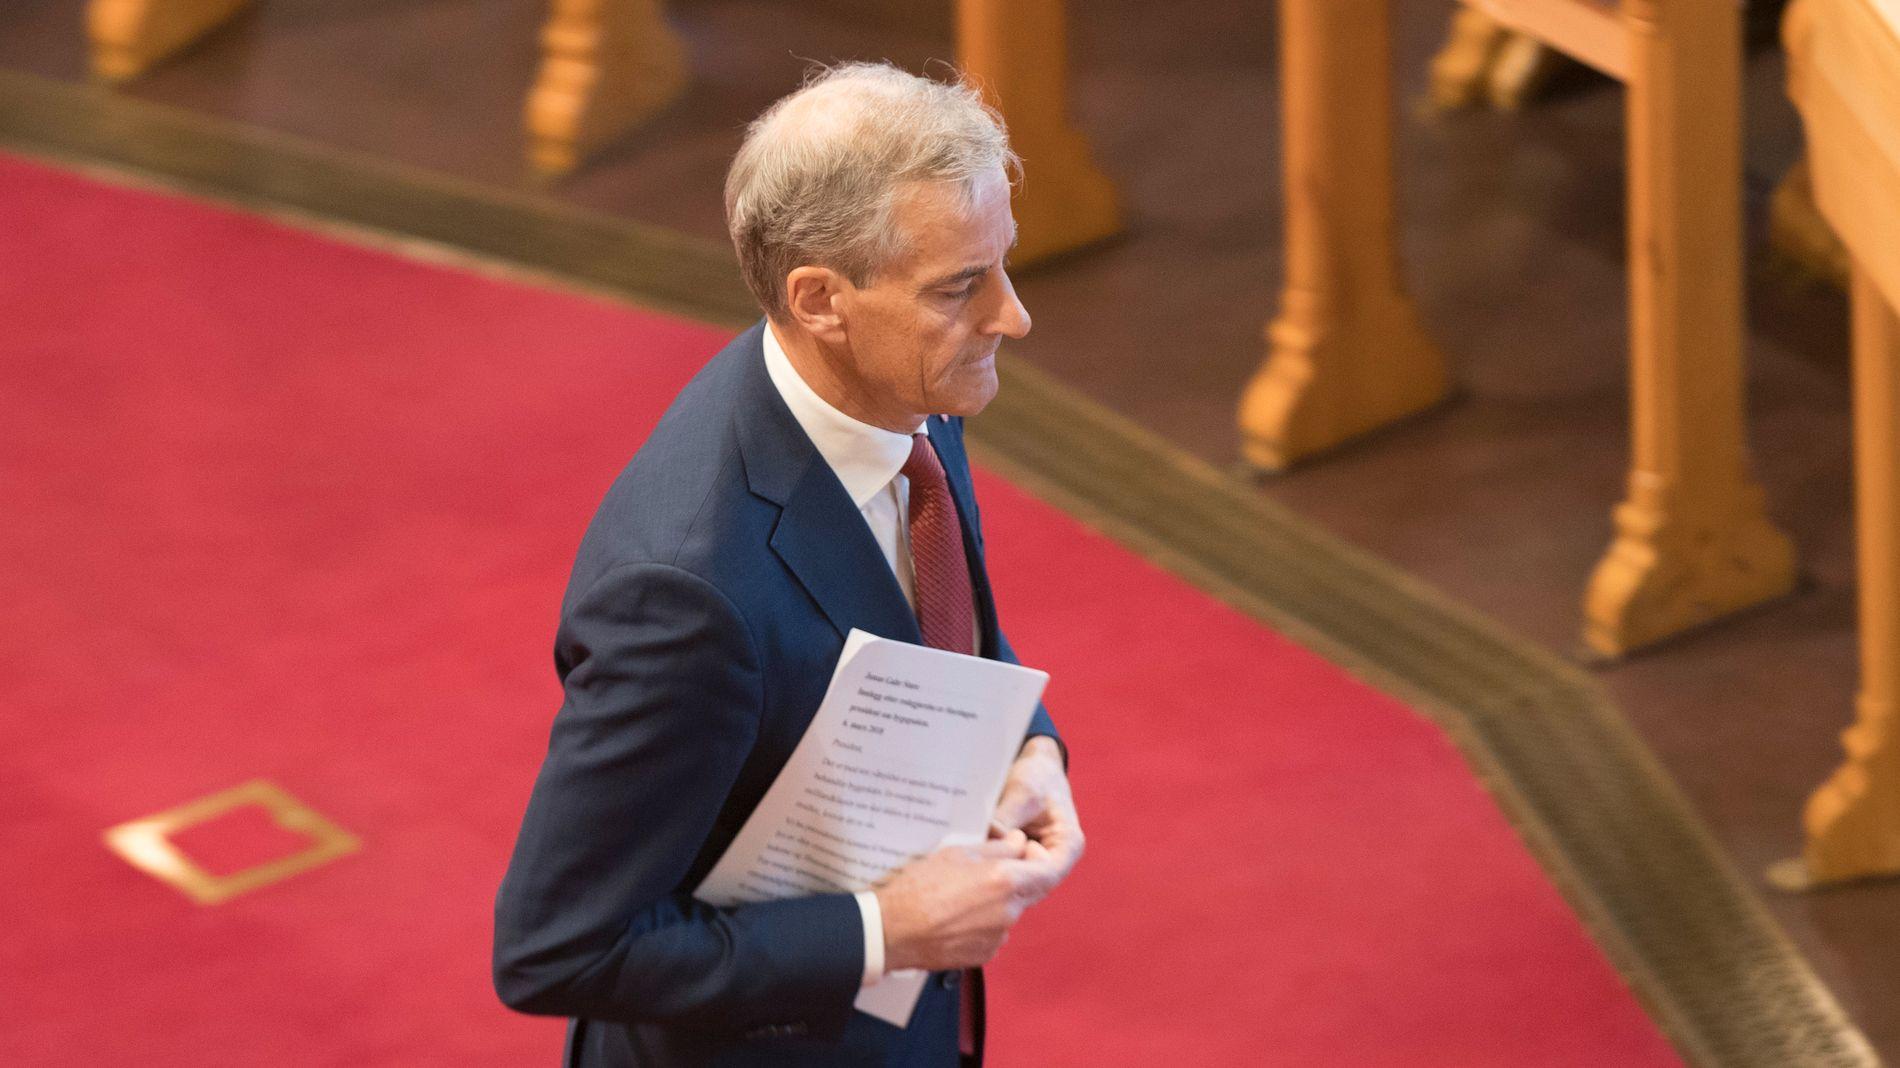 AVGJØR: Arbeiderpartiet og Jonas Gahr Støre kan få siste ord i saken om norsk tilslutning til EUs tredje energimarkedspakke.